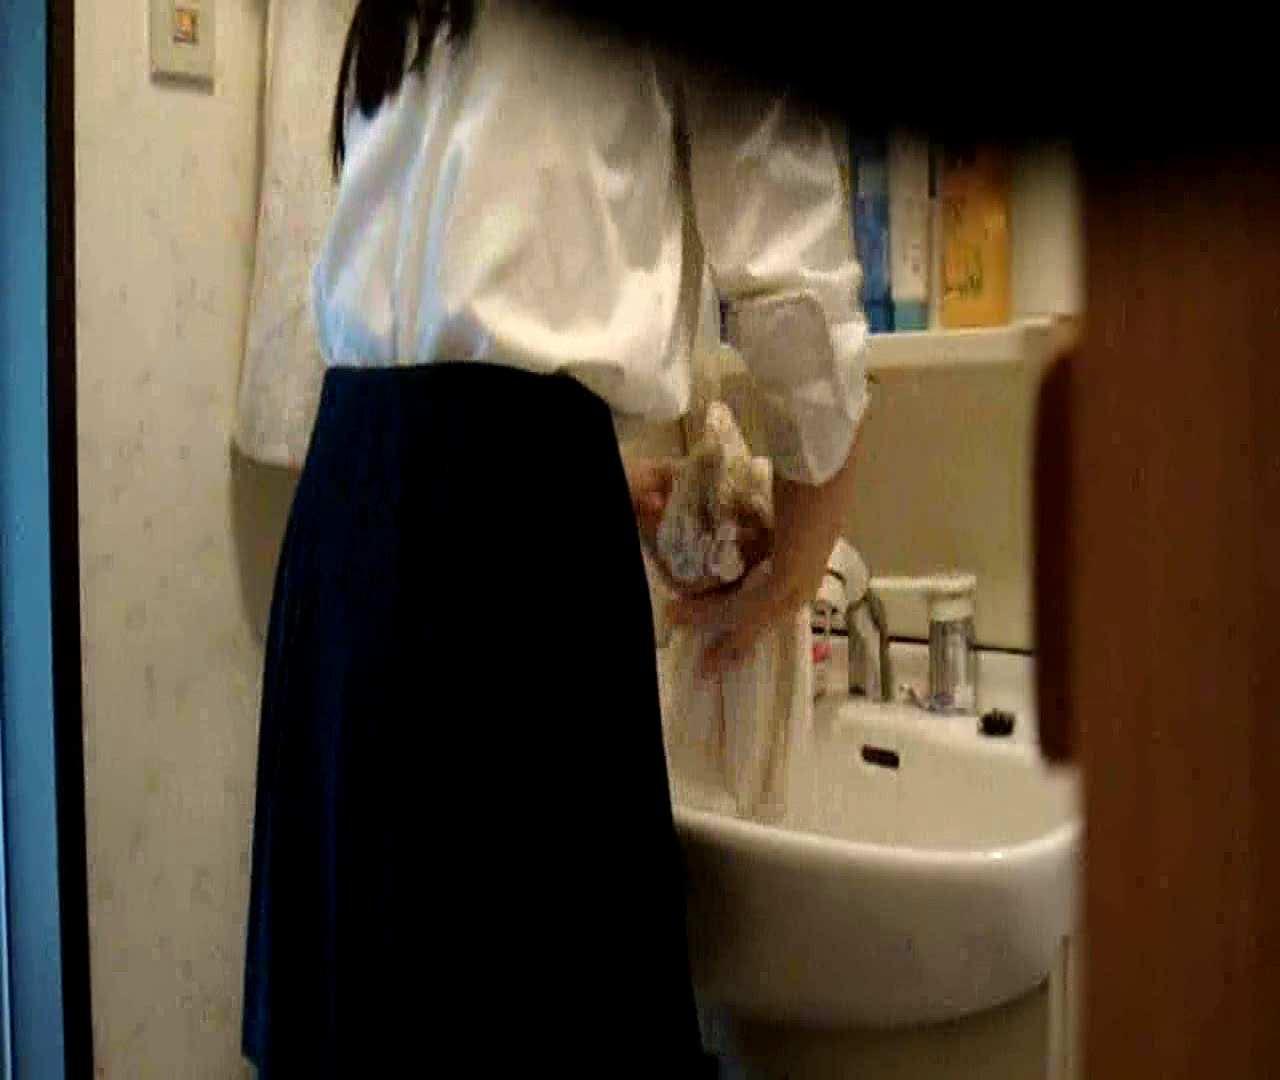 アダルトエロ動画|vol.5 まどかが帰宅後の洗顔後にブラを洗ってます。|怪盗ジョーカー